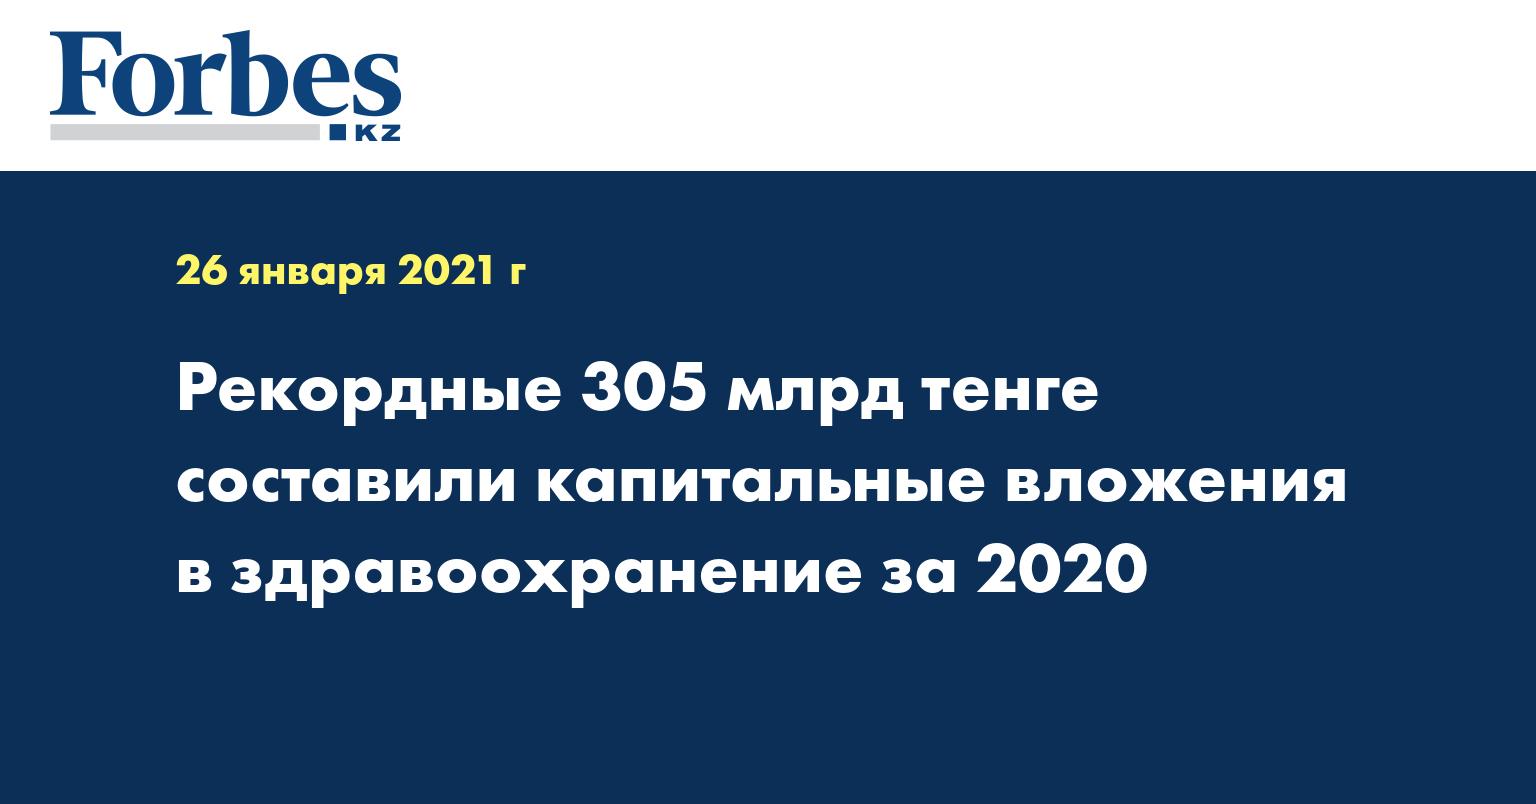 Рекордные 305 млрд тенге составили капитальные вложения в здравоохранение за 2020